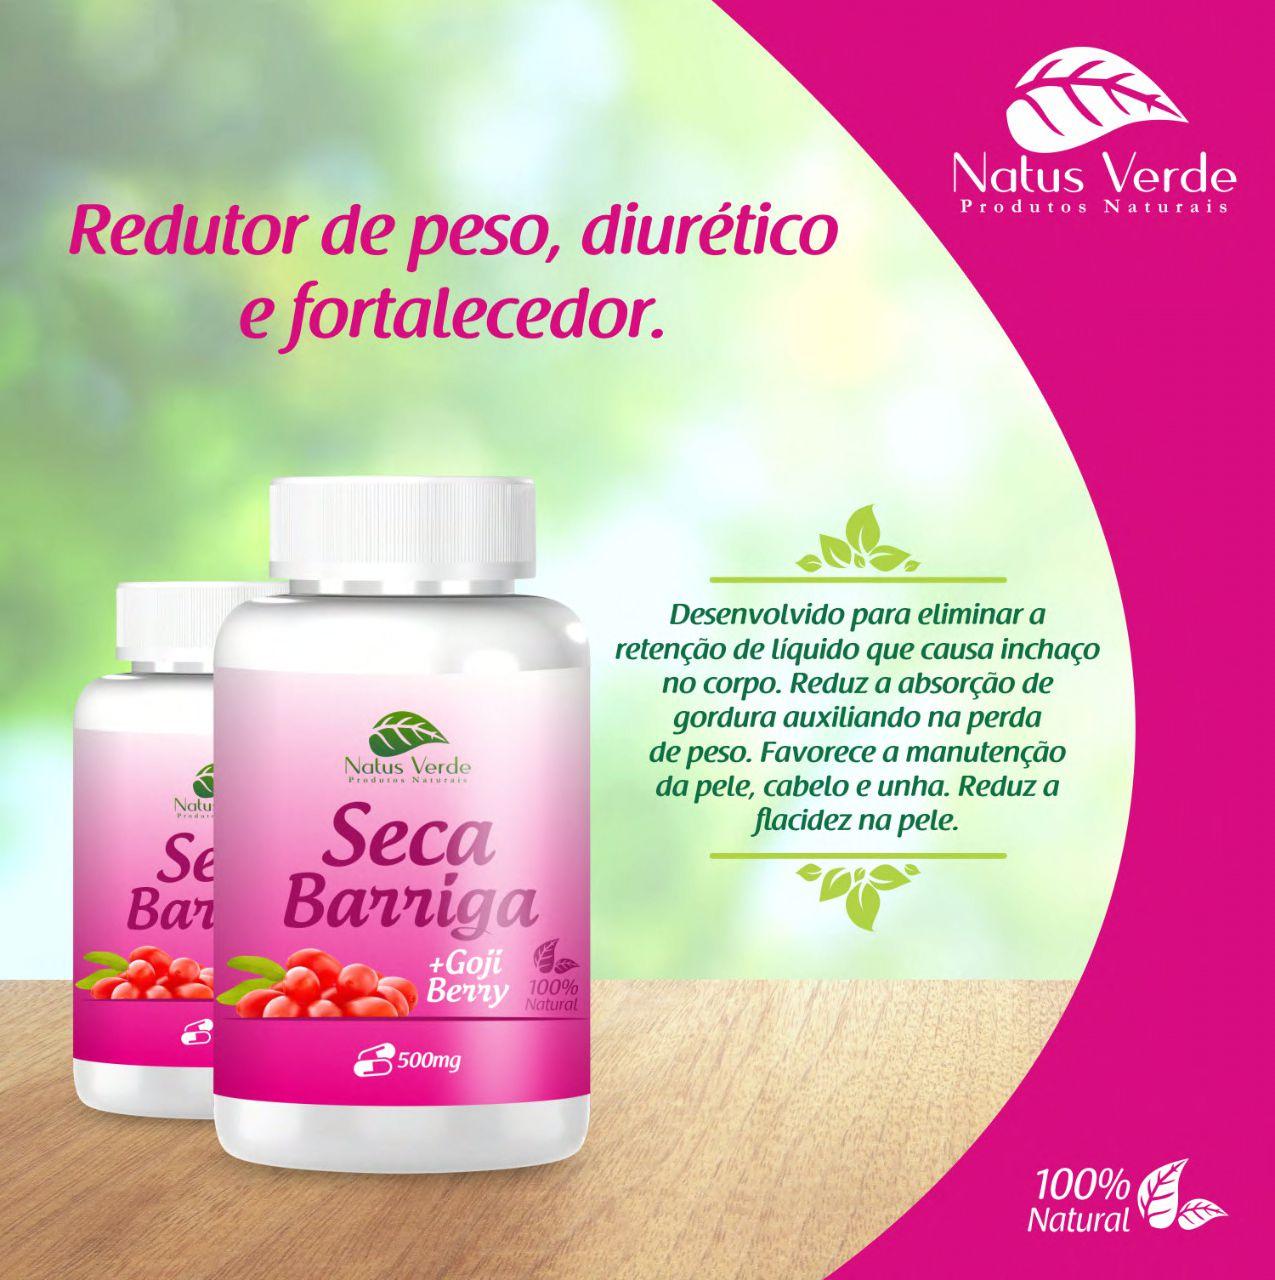 Seca Barriga Natural com Goji Berry Produto Natural Natus Verde  - Fribasex - Fabricasex.com